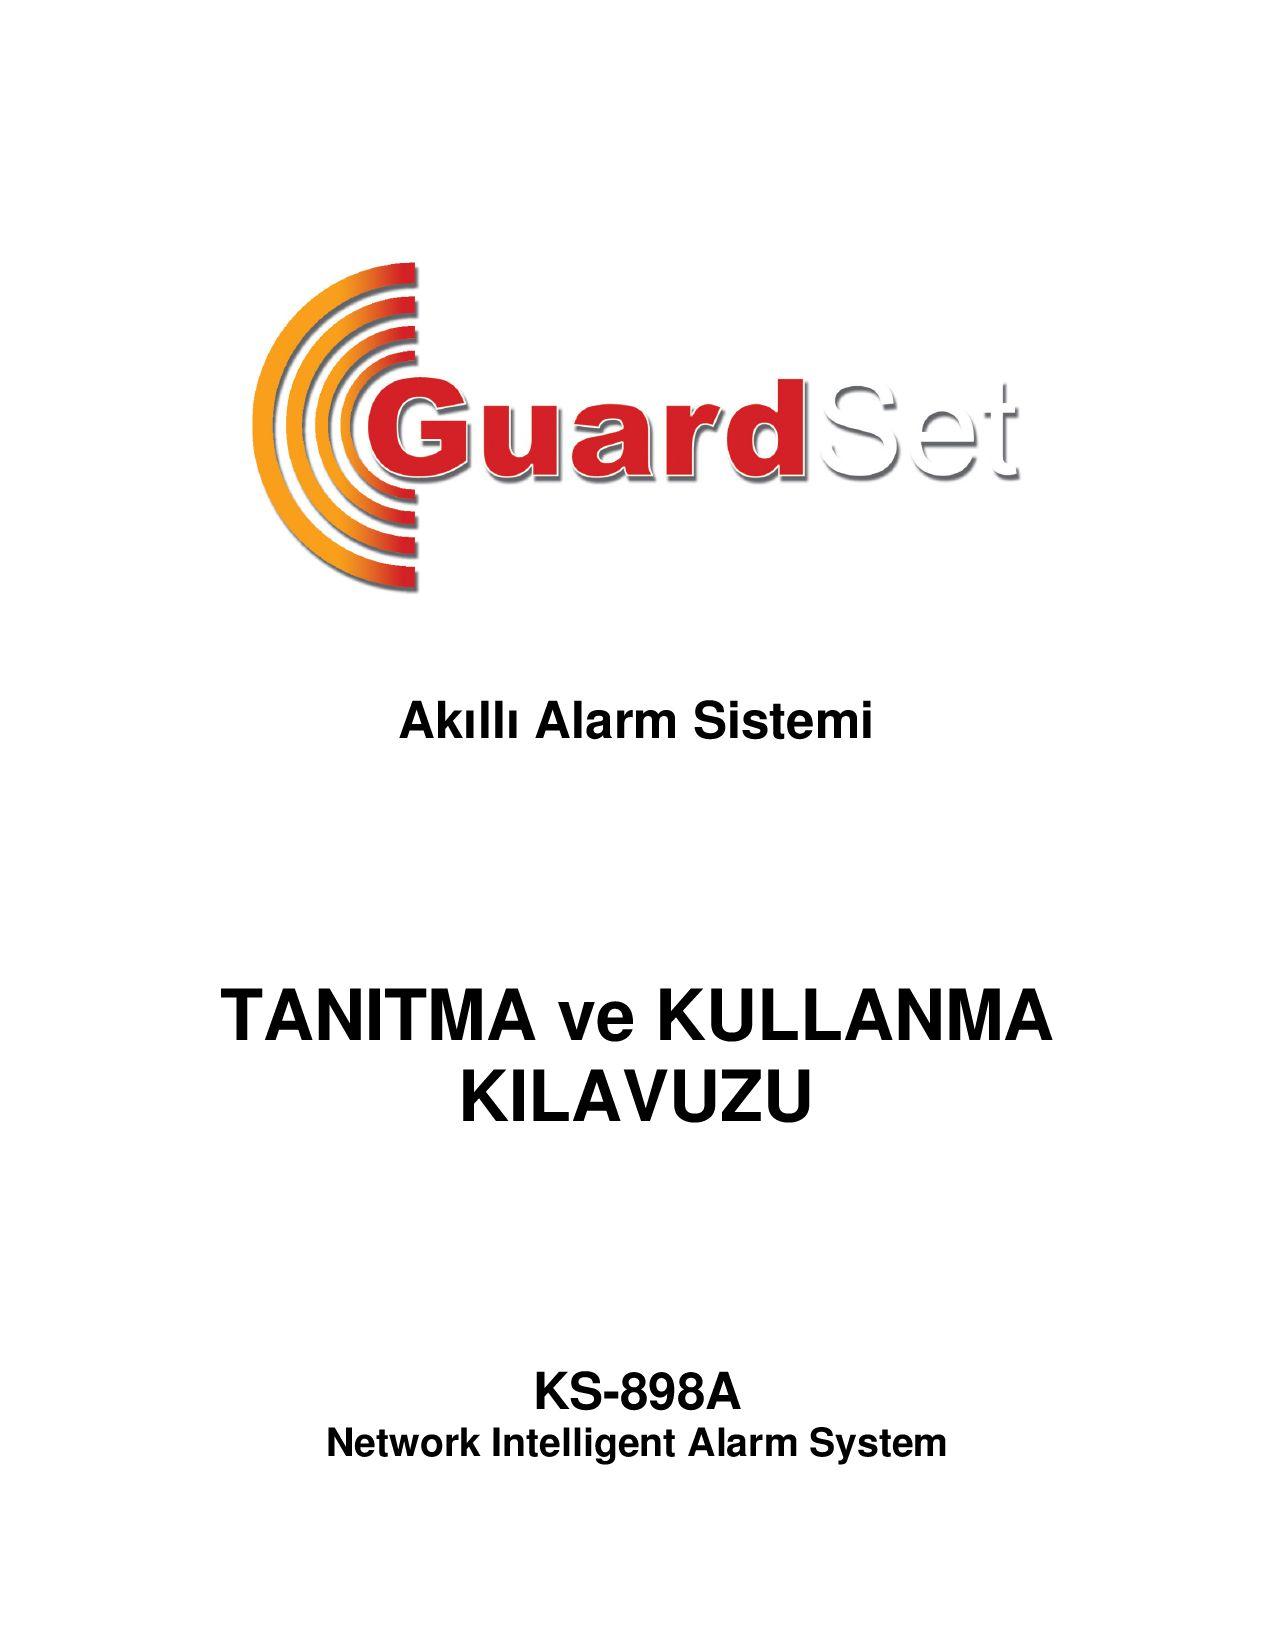 Otomatik başlatma ile alarmların kurulması: alarm sisteminin modelinin seçilmesi